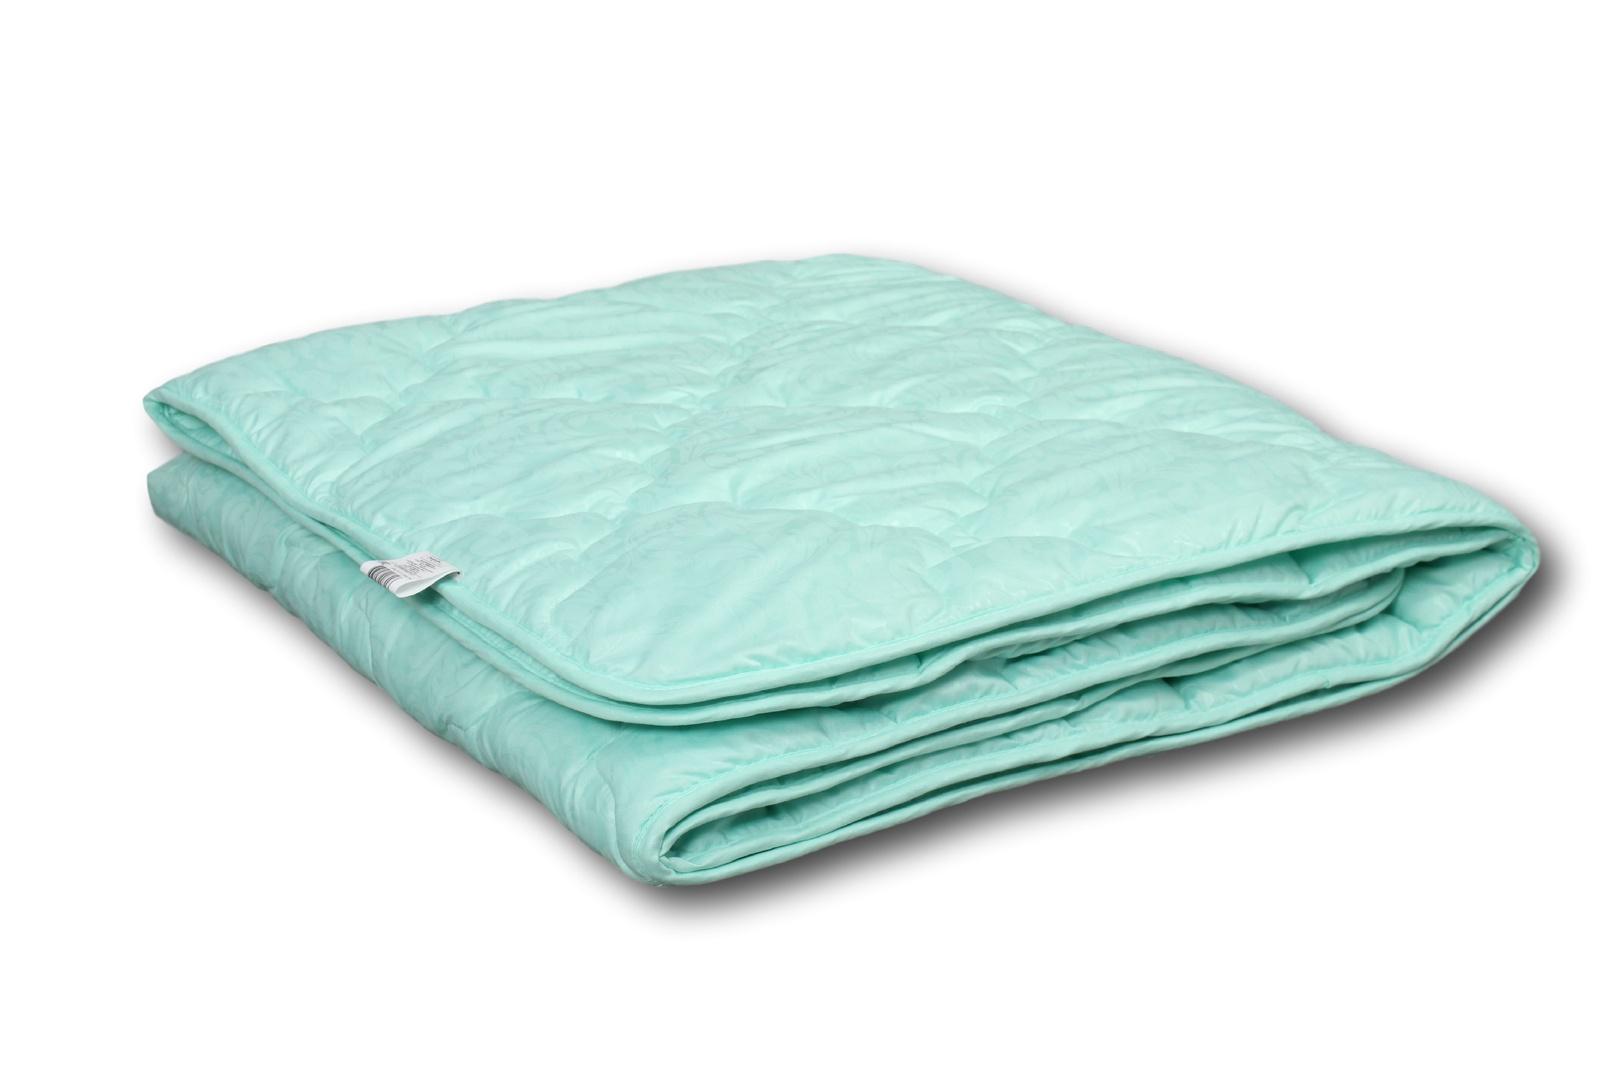 Одеяло Альвитек Эвкалипт Микрофибра легкое, размер: 200 х 220 одеяло легкое william roberts sensual tencel наполнитель эвкалиптовое волокно 155 х 200 см